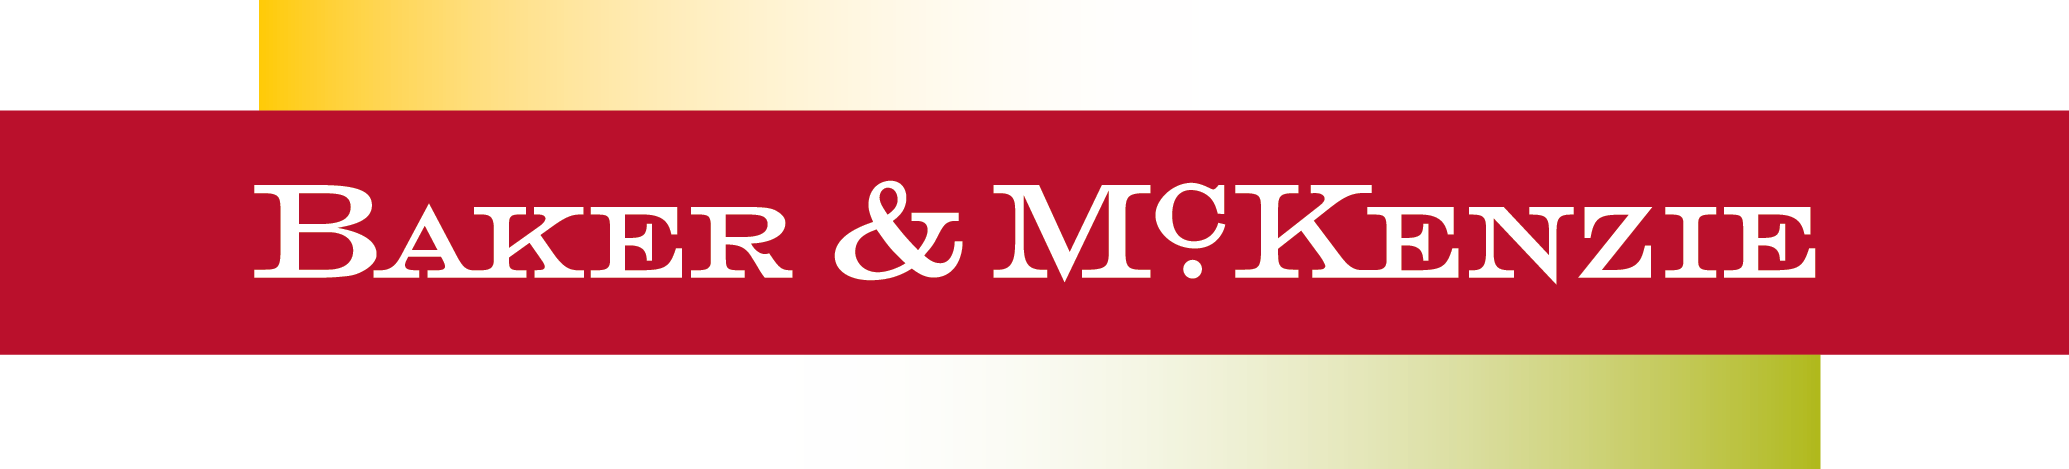 baker-mckenzie-logo-transparent